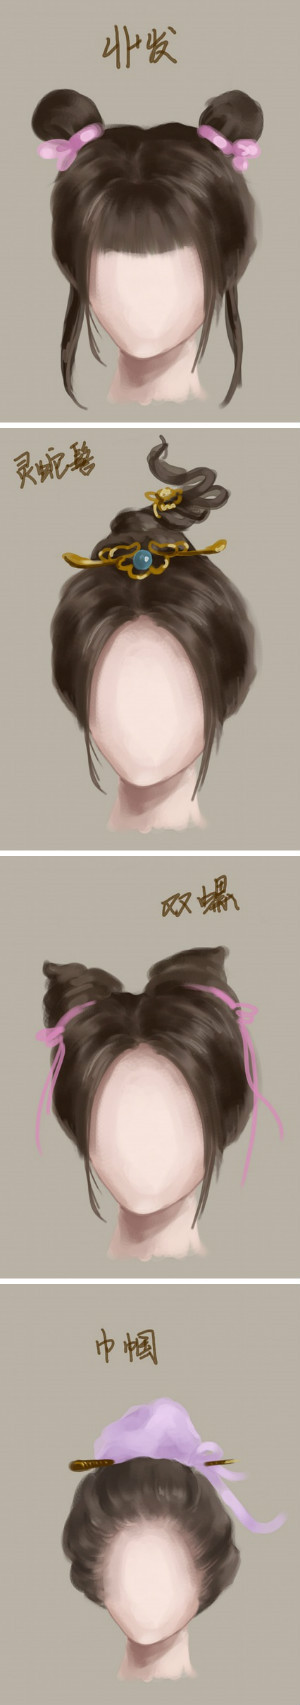 微福利93期:古代美女的发髻